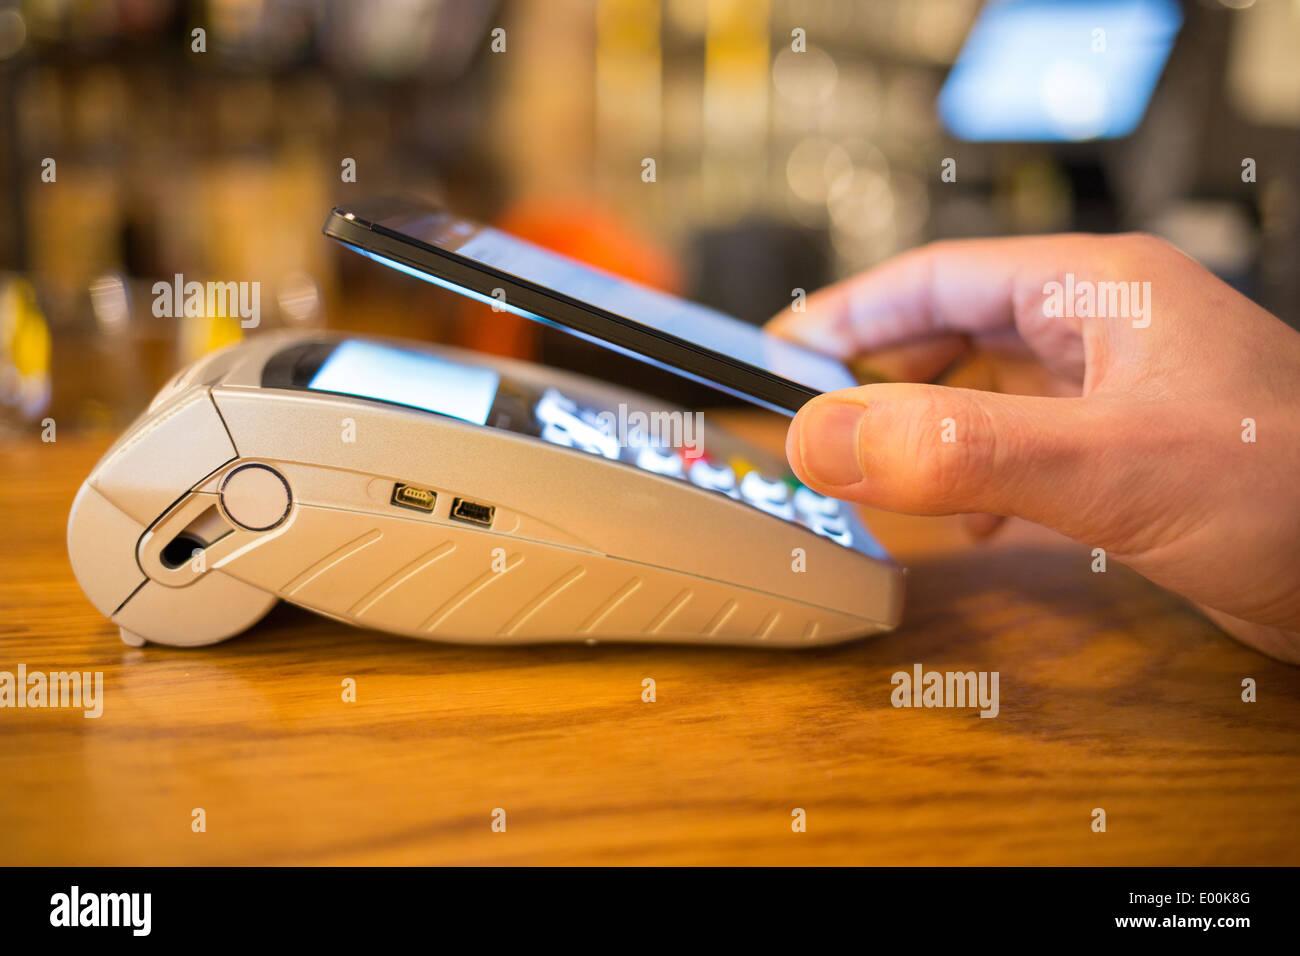 La main des hommes wallet smartphone boutique paiement Photo Stock